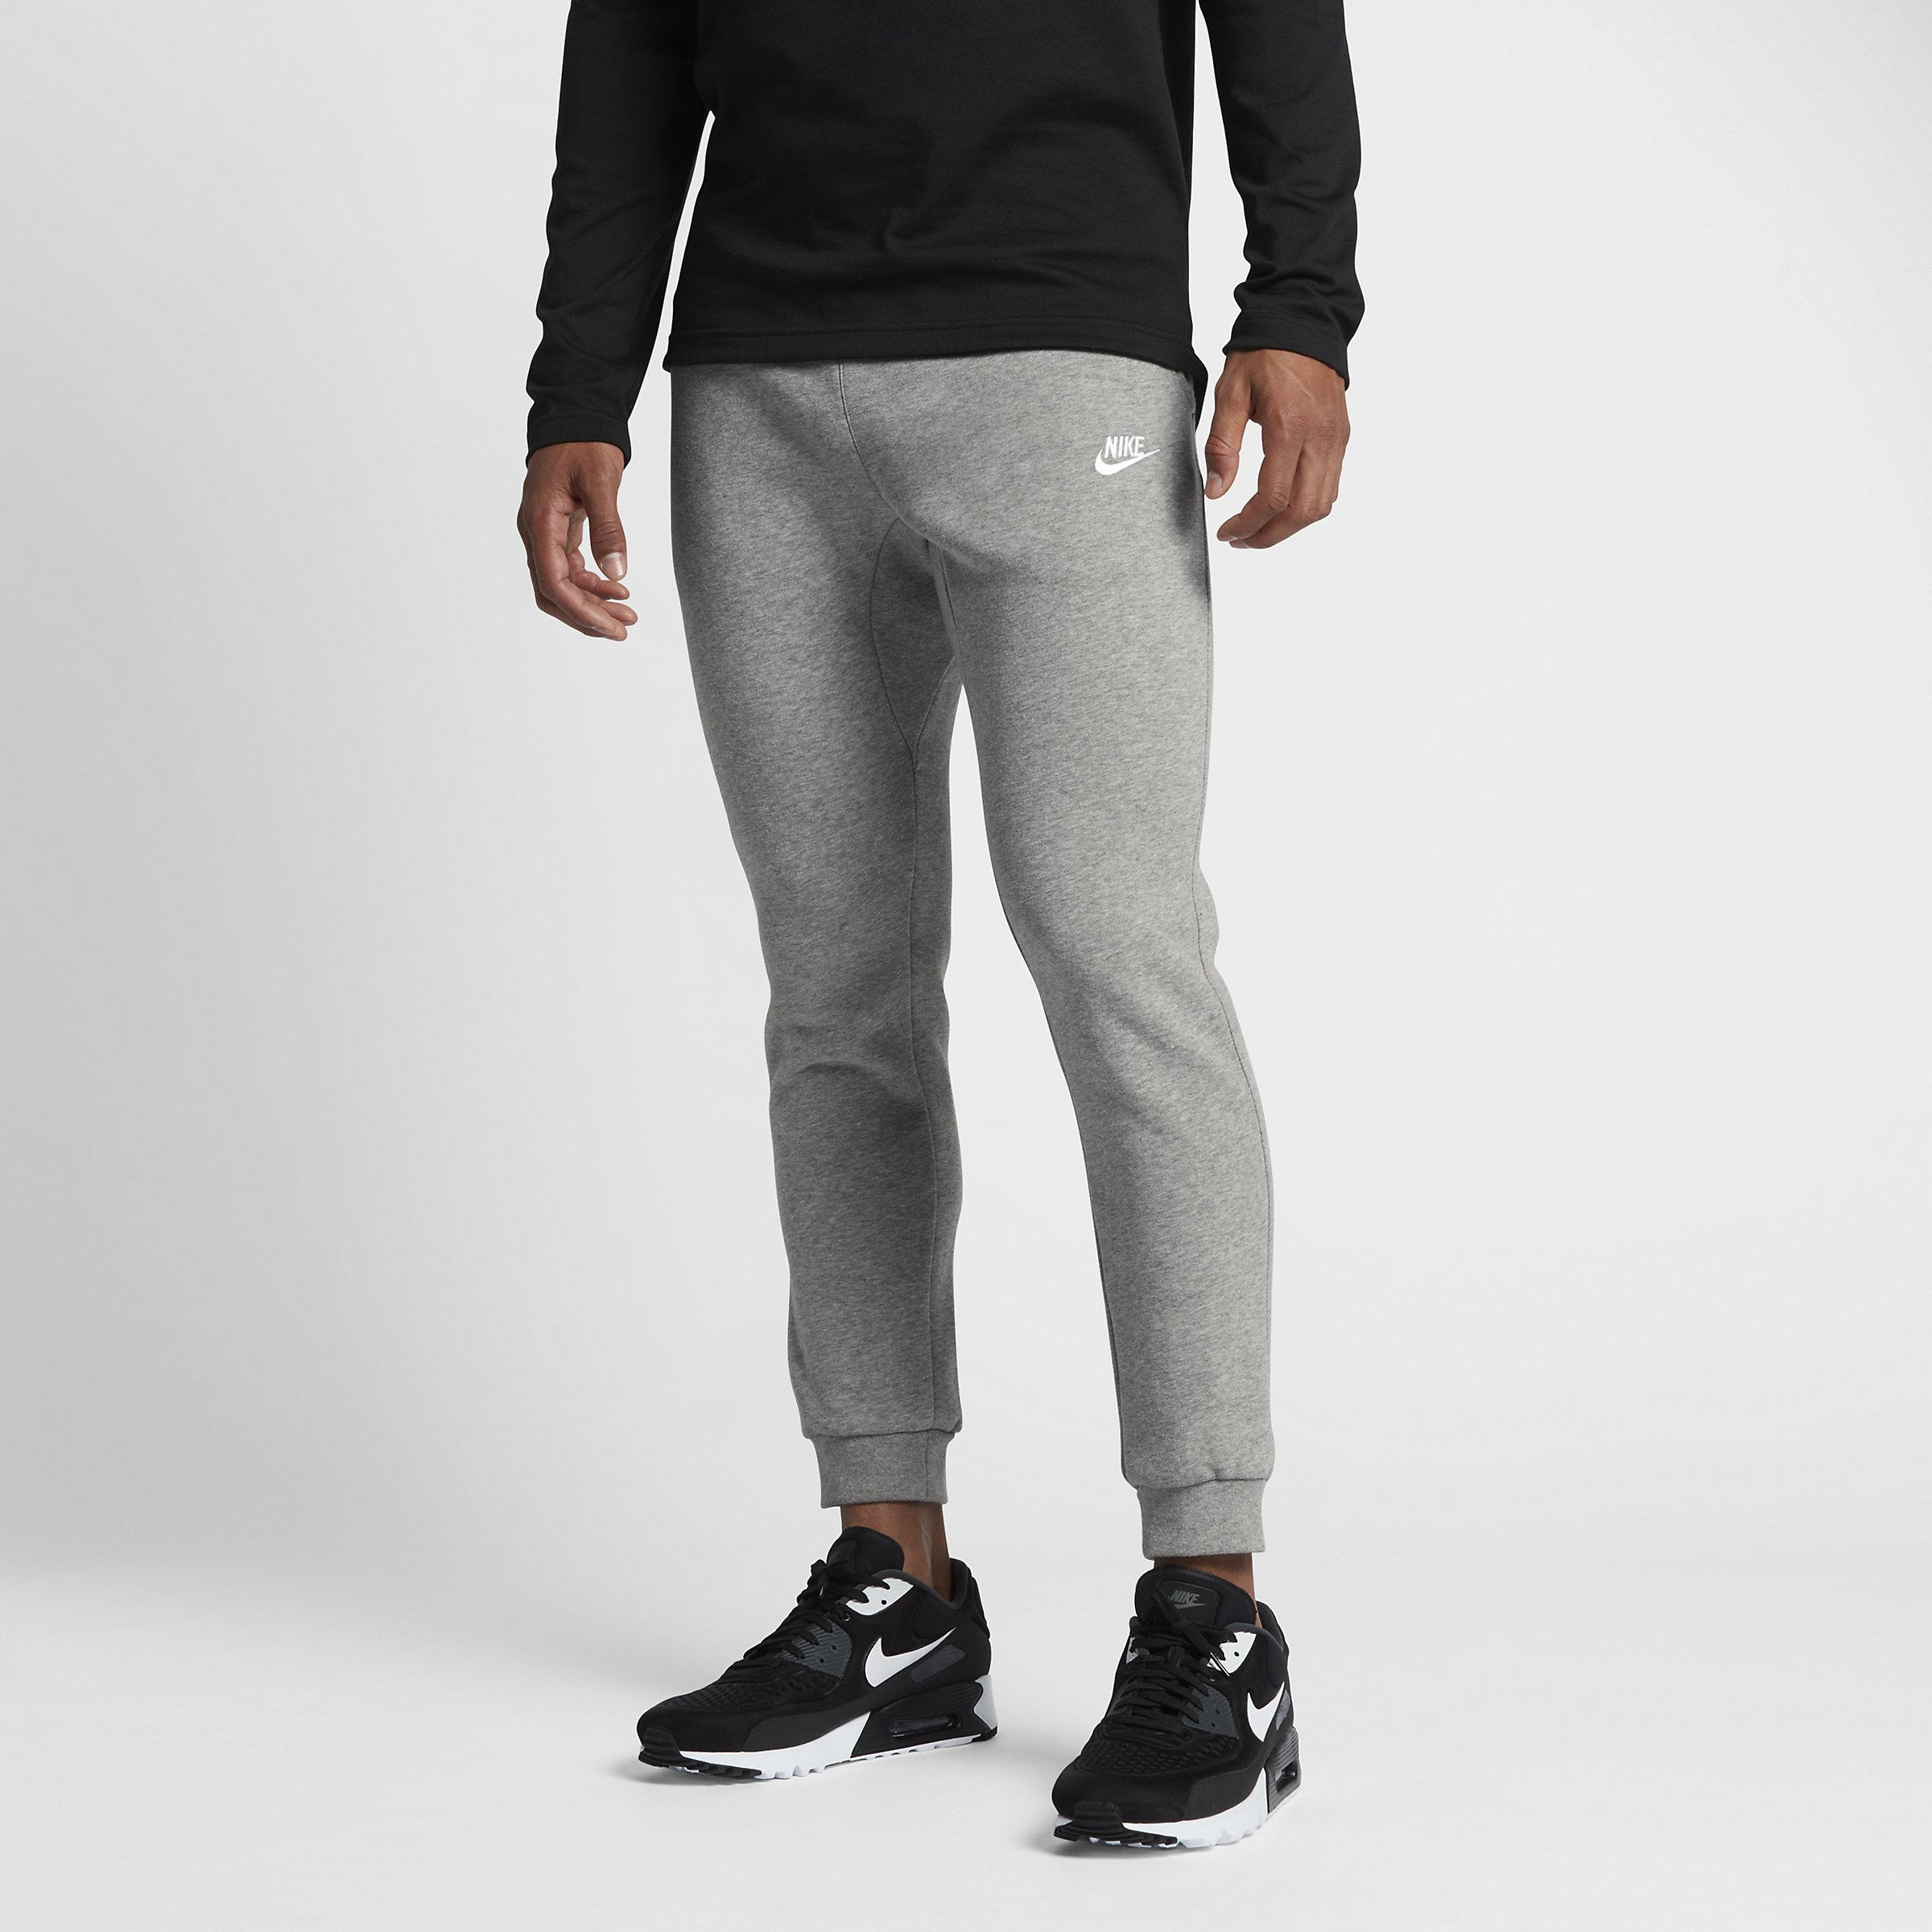 5930ba71aa80e6 Nike Sportswear in Gray for Men - Lyst